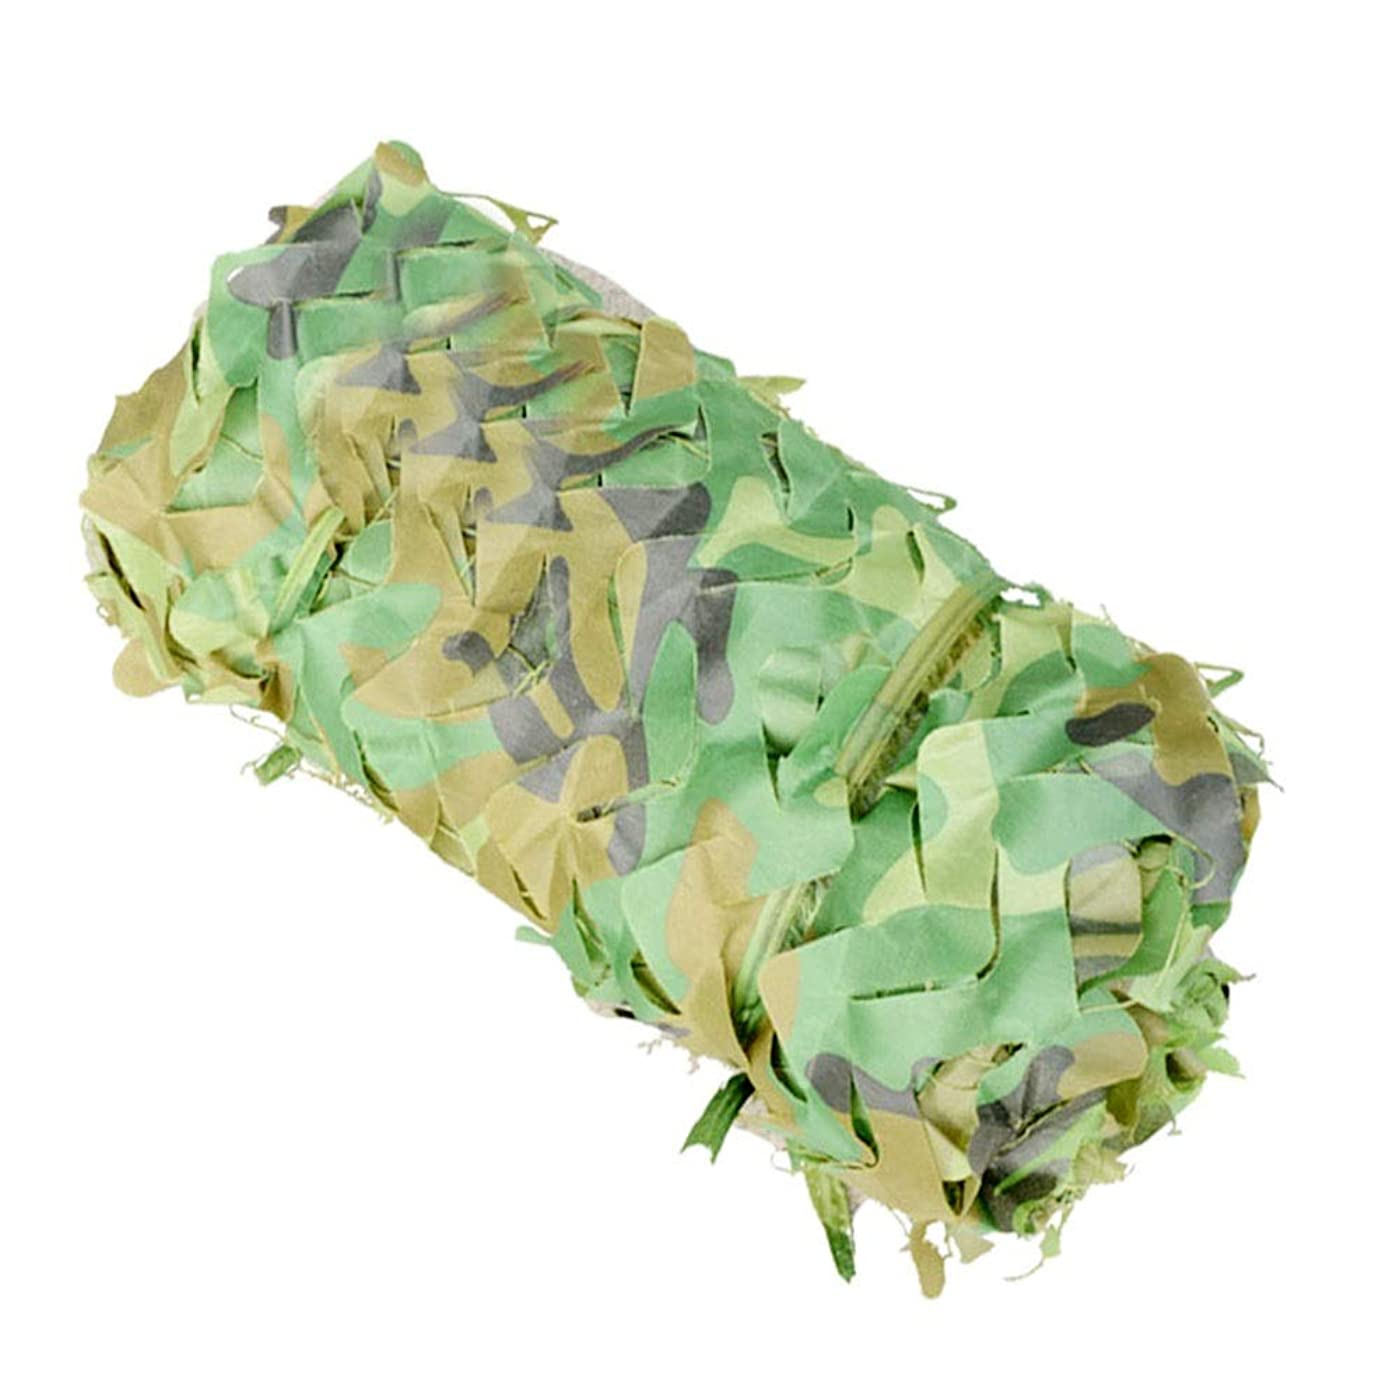 ホームようこそスカリーXSDAA シェードセイル 日よけネット 迷彩ネット 寝室 迷彩ネット オックスフォード生地 サンシェード テント キャンプ 射撃,6サイズ (Color : Green, Size : 4 x6m)